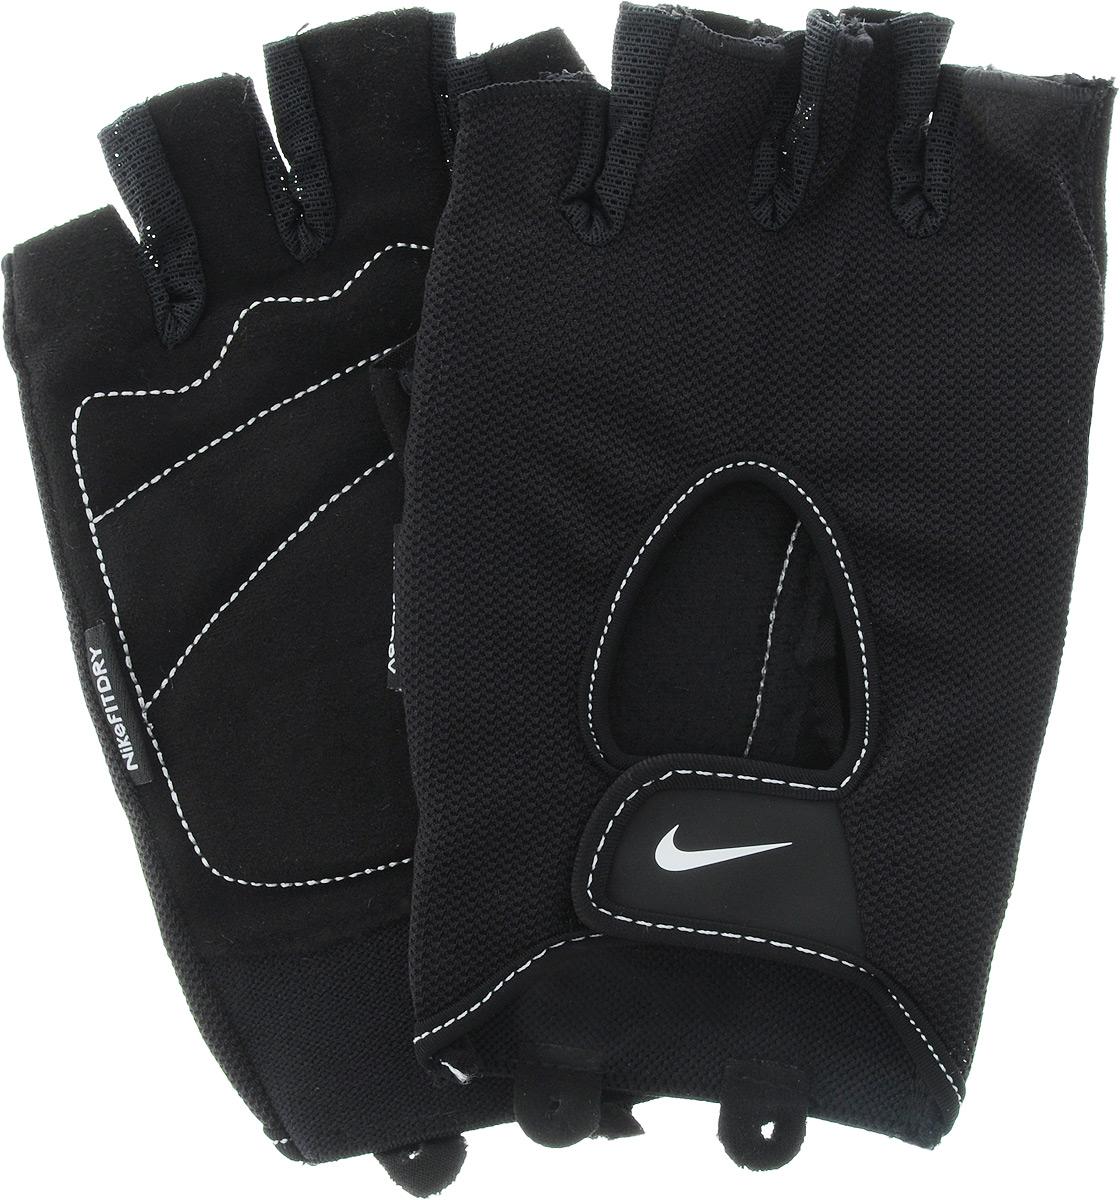 Перчатки для фитнеса мужские Nike Mens Fundamental Training Gloves, цвет: черный. Размер ХL9.092.051.037.Удобные перчатки Nike Mens Fundamental Training Gloves для фитнеса оформлены цветным логотипом бренда Nike. Трафаретная печать swoosh-лого на внешней стороне модели обеспечивает моментальную идентификацию бренда.Ладонь прошита в линиях сгиба, обеспечивая тем самым необходимое смягчение в самых важных зонах. Внутренняя часть перчаток выполнена из мягкой искусственной замши, что обеспечивает комфорт и долговечность в использовании данного аксессуара.Регулируемая застежка на запястье обеспечивает надежную посадку.